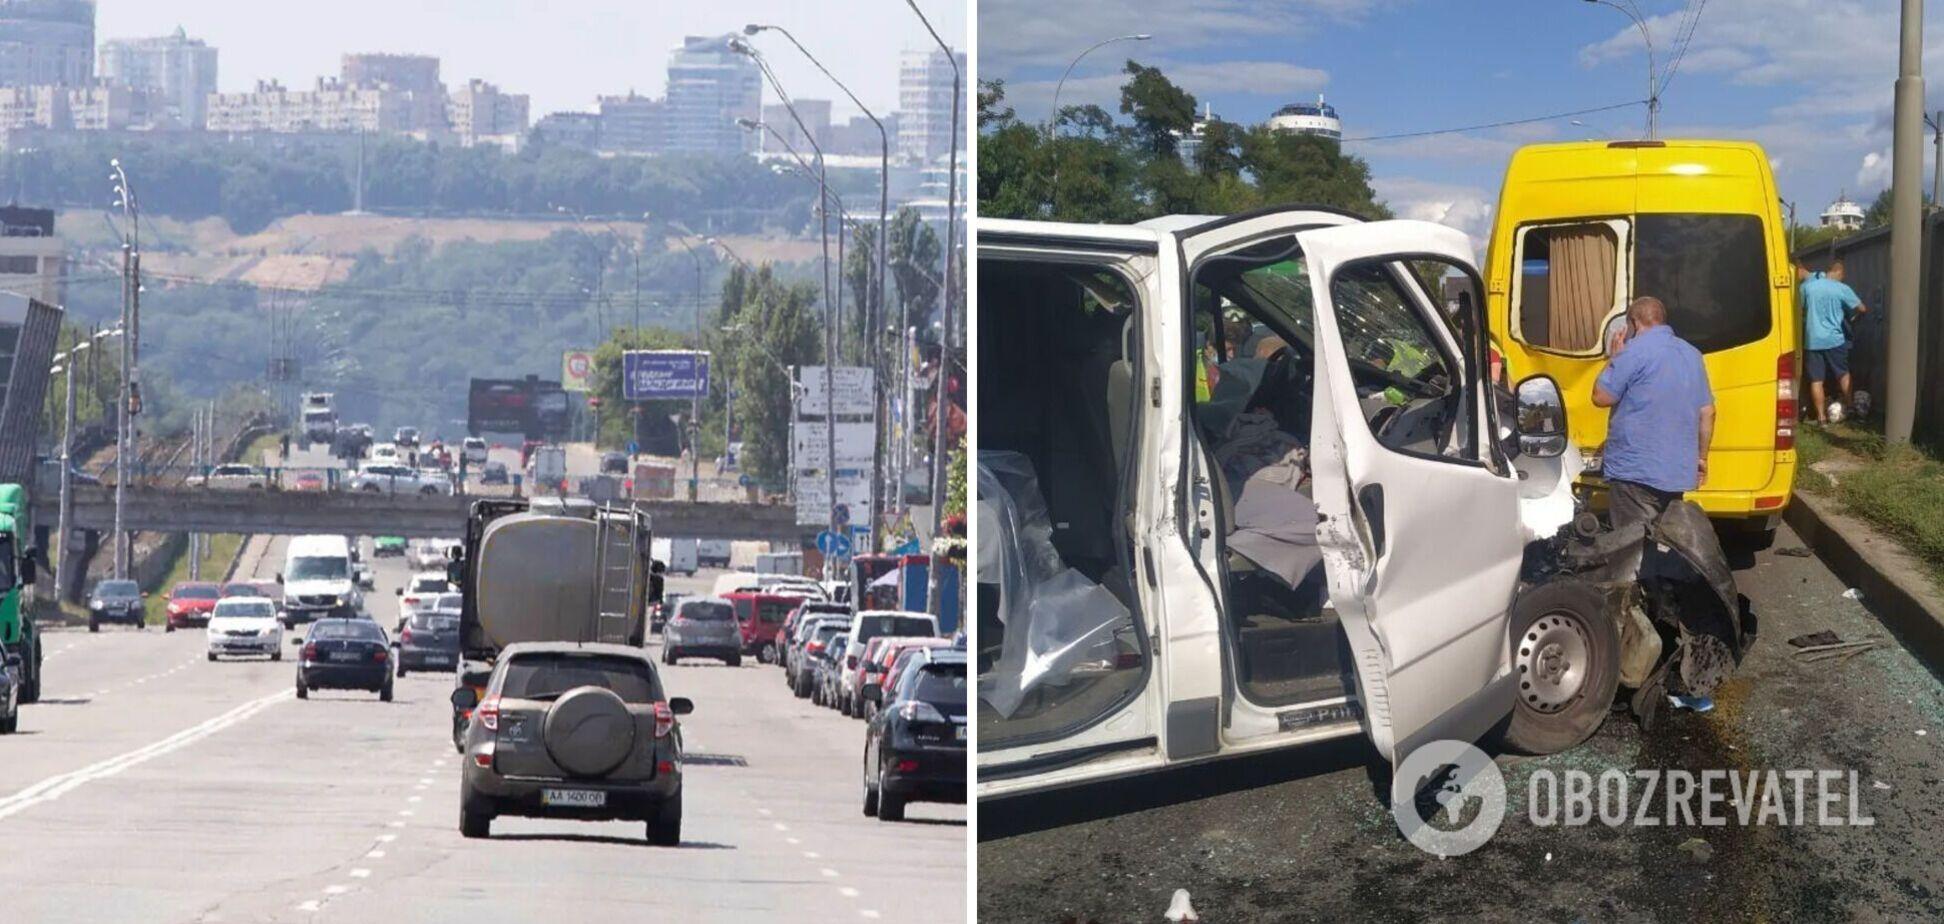 У Києві зіткнулися два мікроавтобуси, є постраждалі. Фото та відео